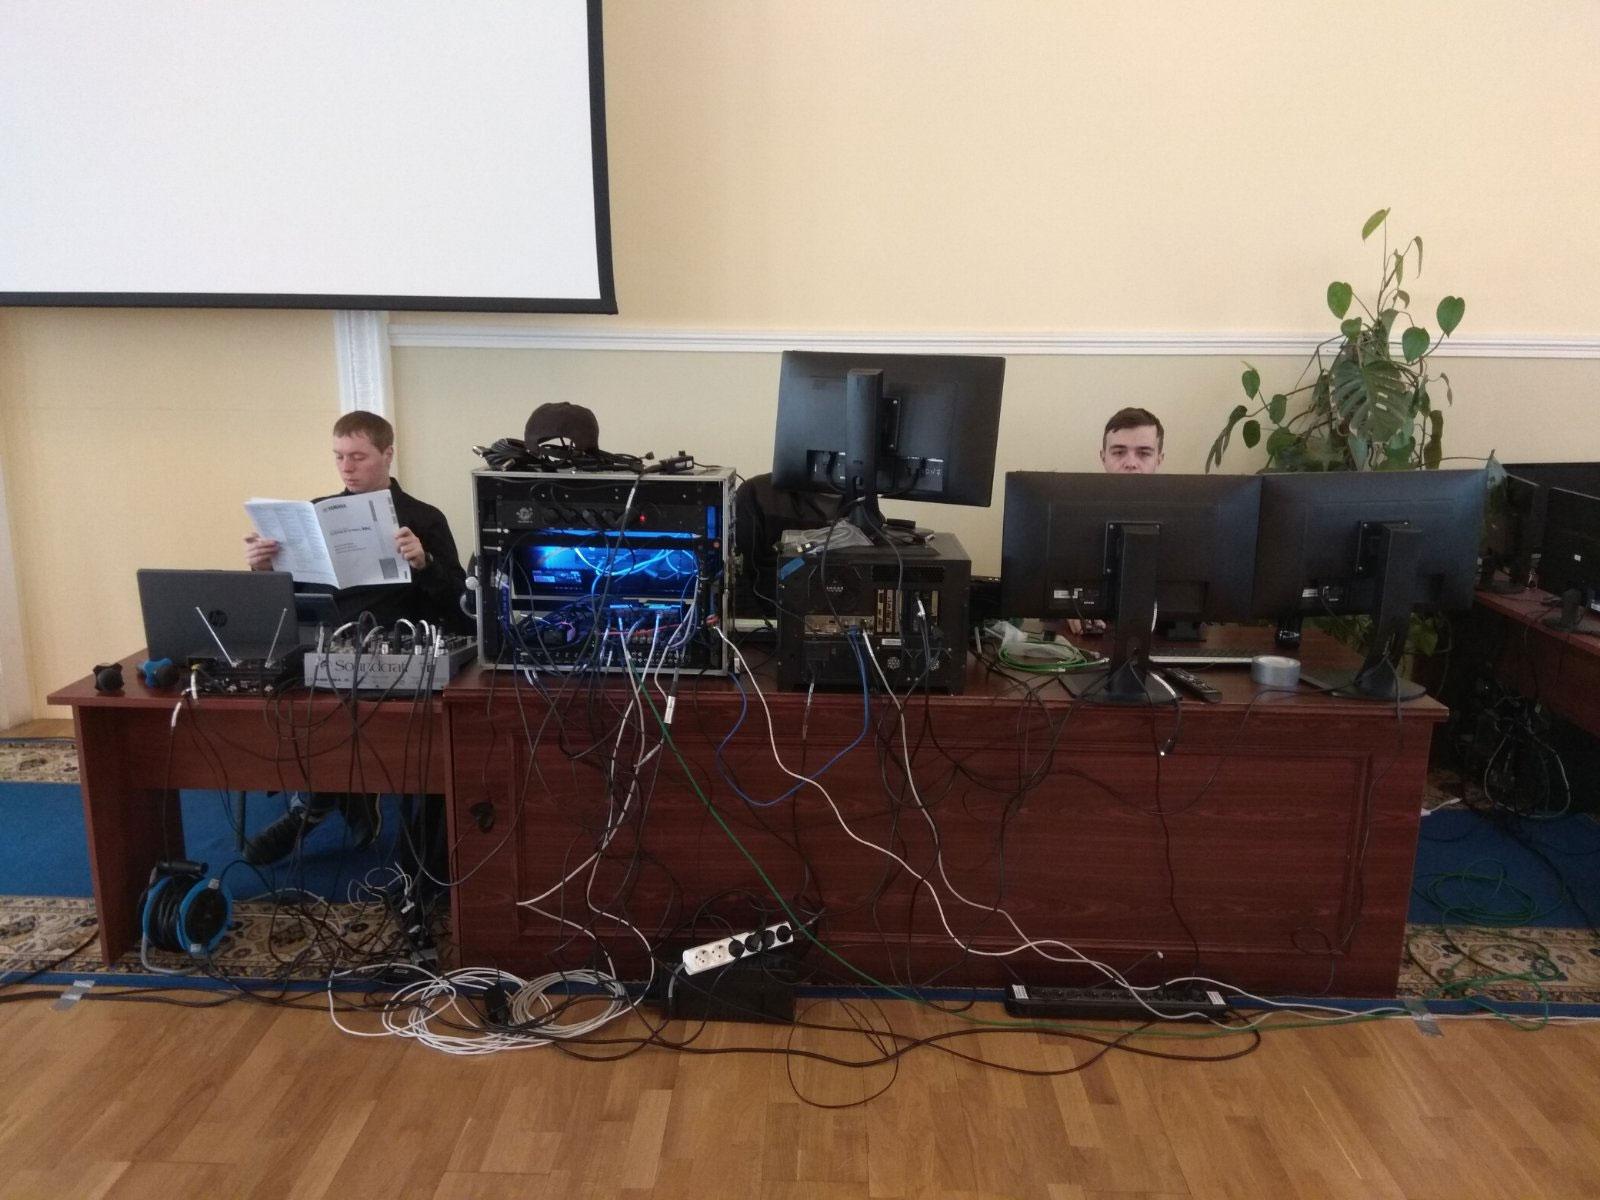 Оборудование для видеоконференций для Министерства регионального развития с использованием платформы ZOOM, услуга или аренда. Киев, Украина. Компания Эквиптайм